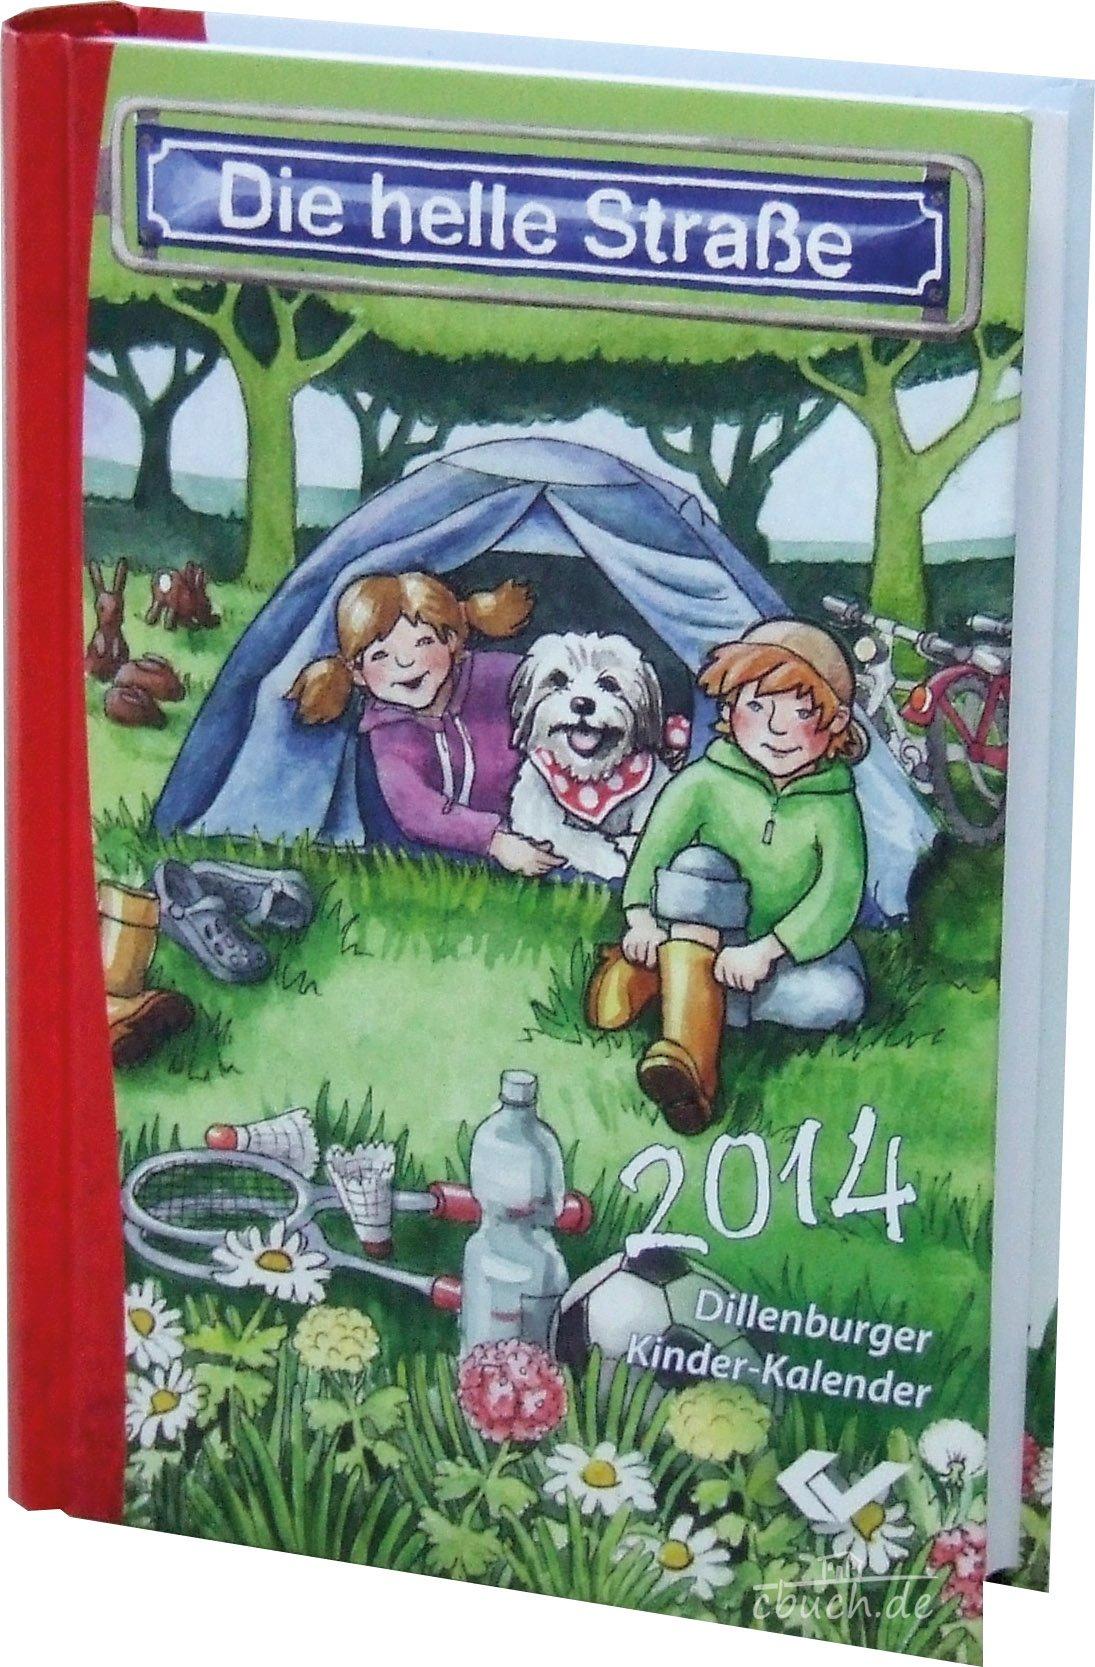 Die Helle Straße 2014: Dillenburger Kinder-Kalender